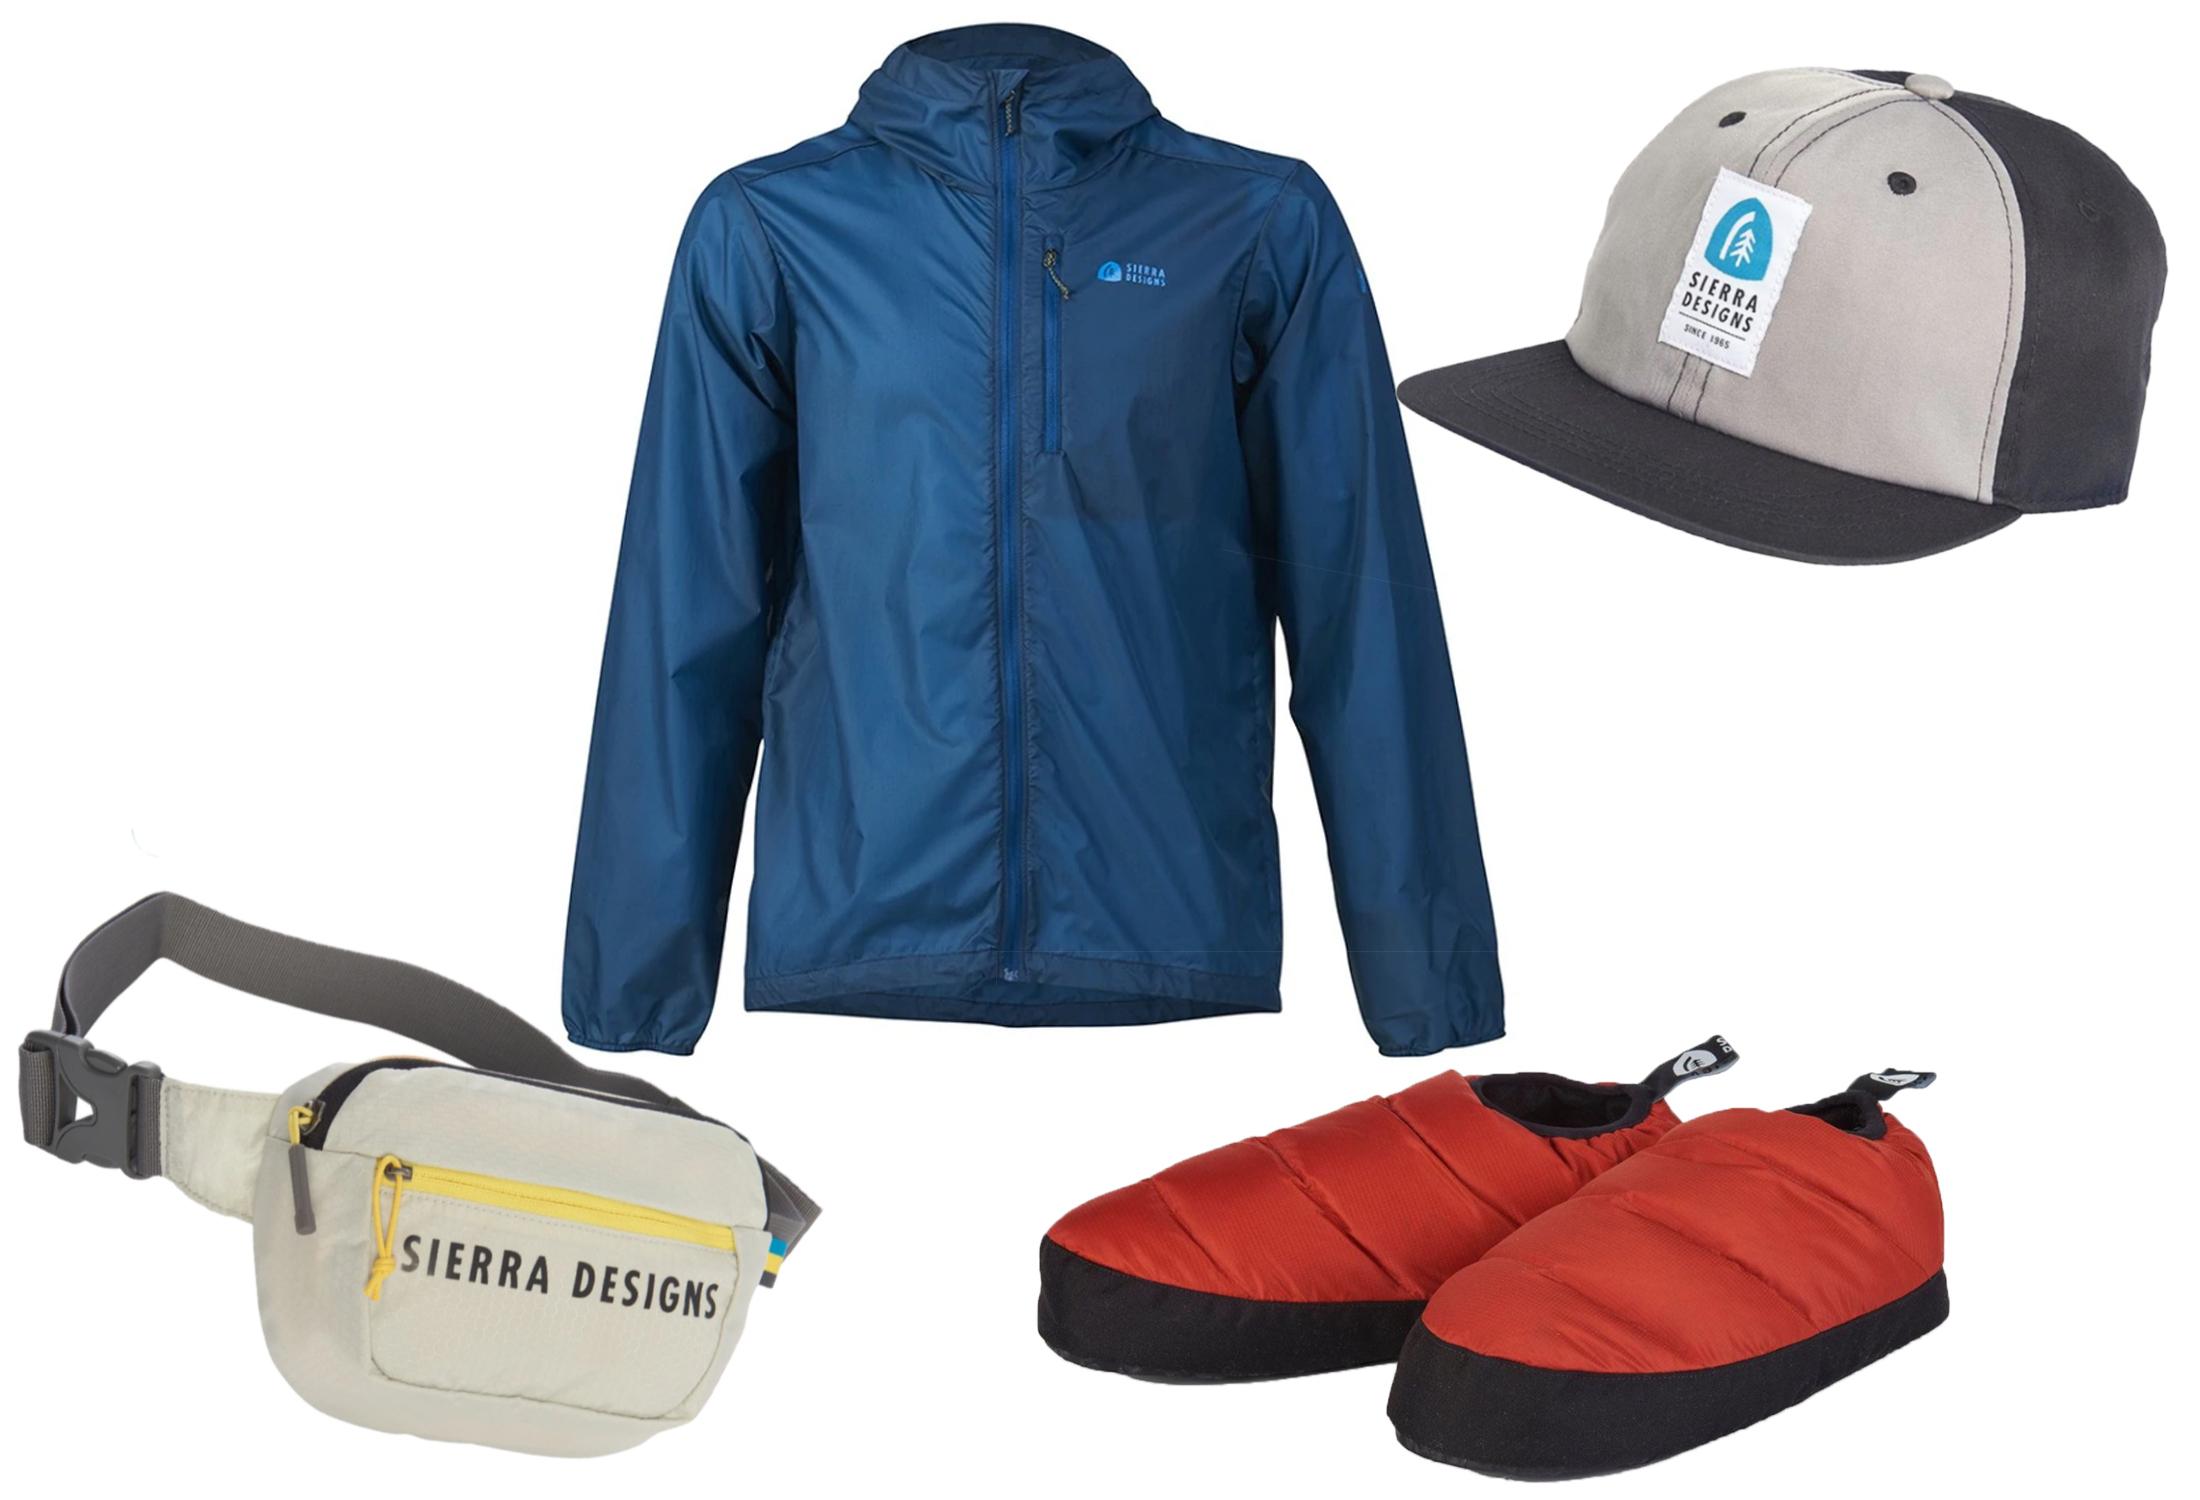 sierra designs gear gifts